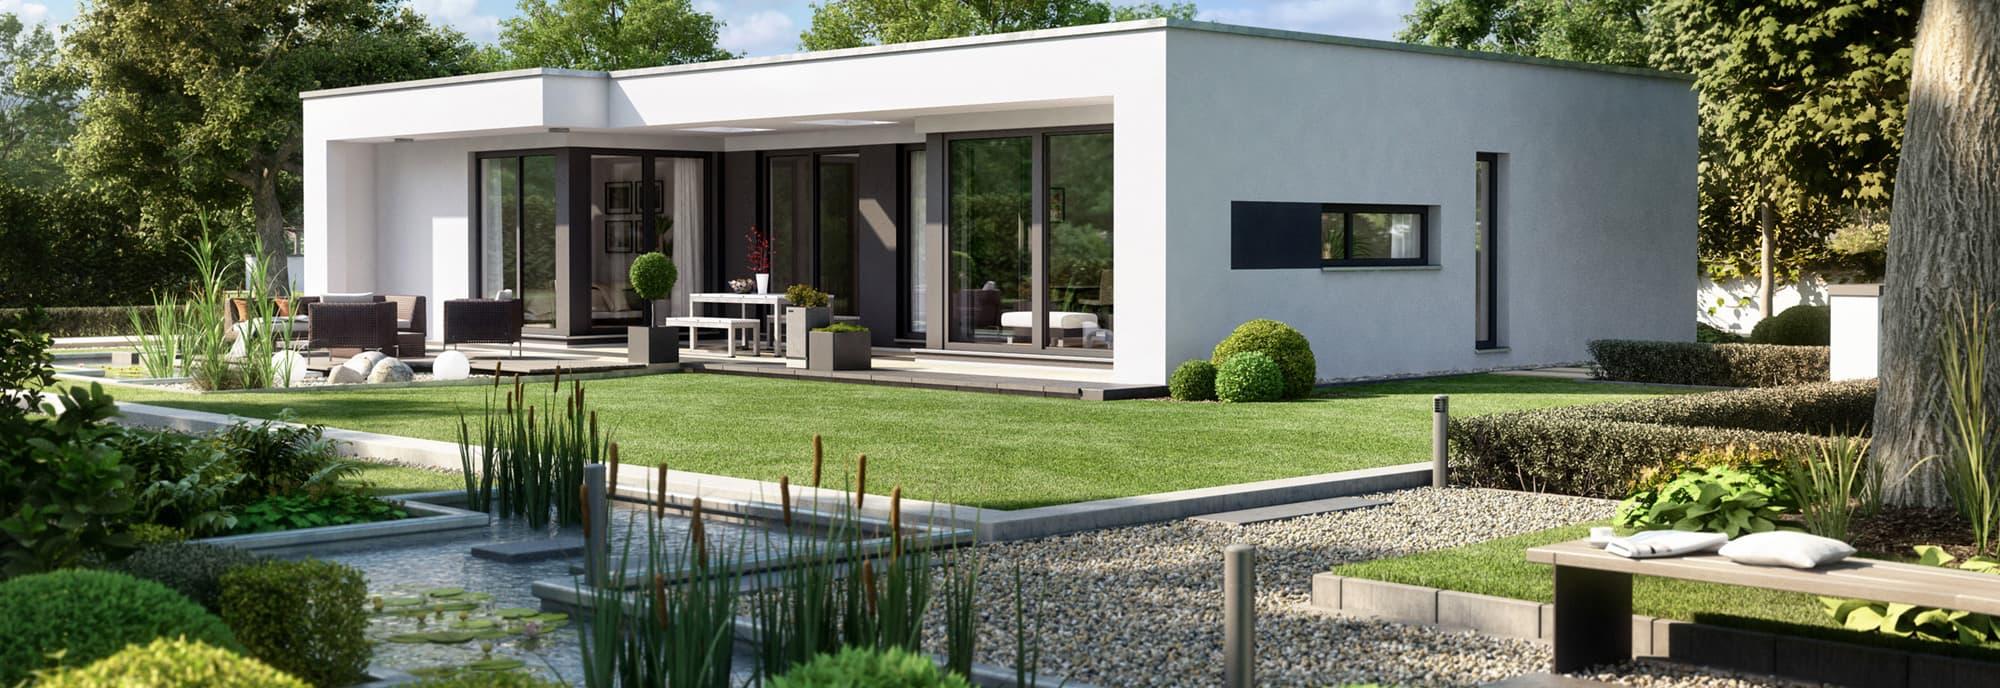 bungalow bauen f r die zukunft aber heute schon wohlf hlwohnen ratgeber magazin. Black Bedroom Furniture Sets. Home Design Ideas